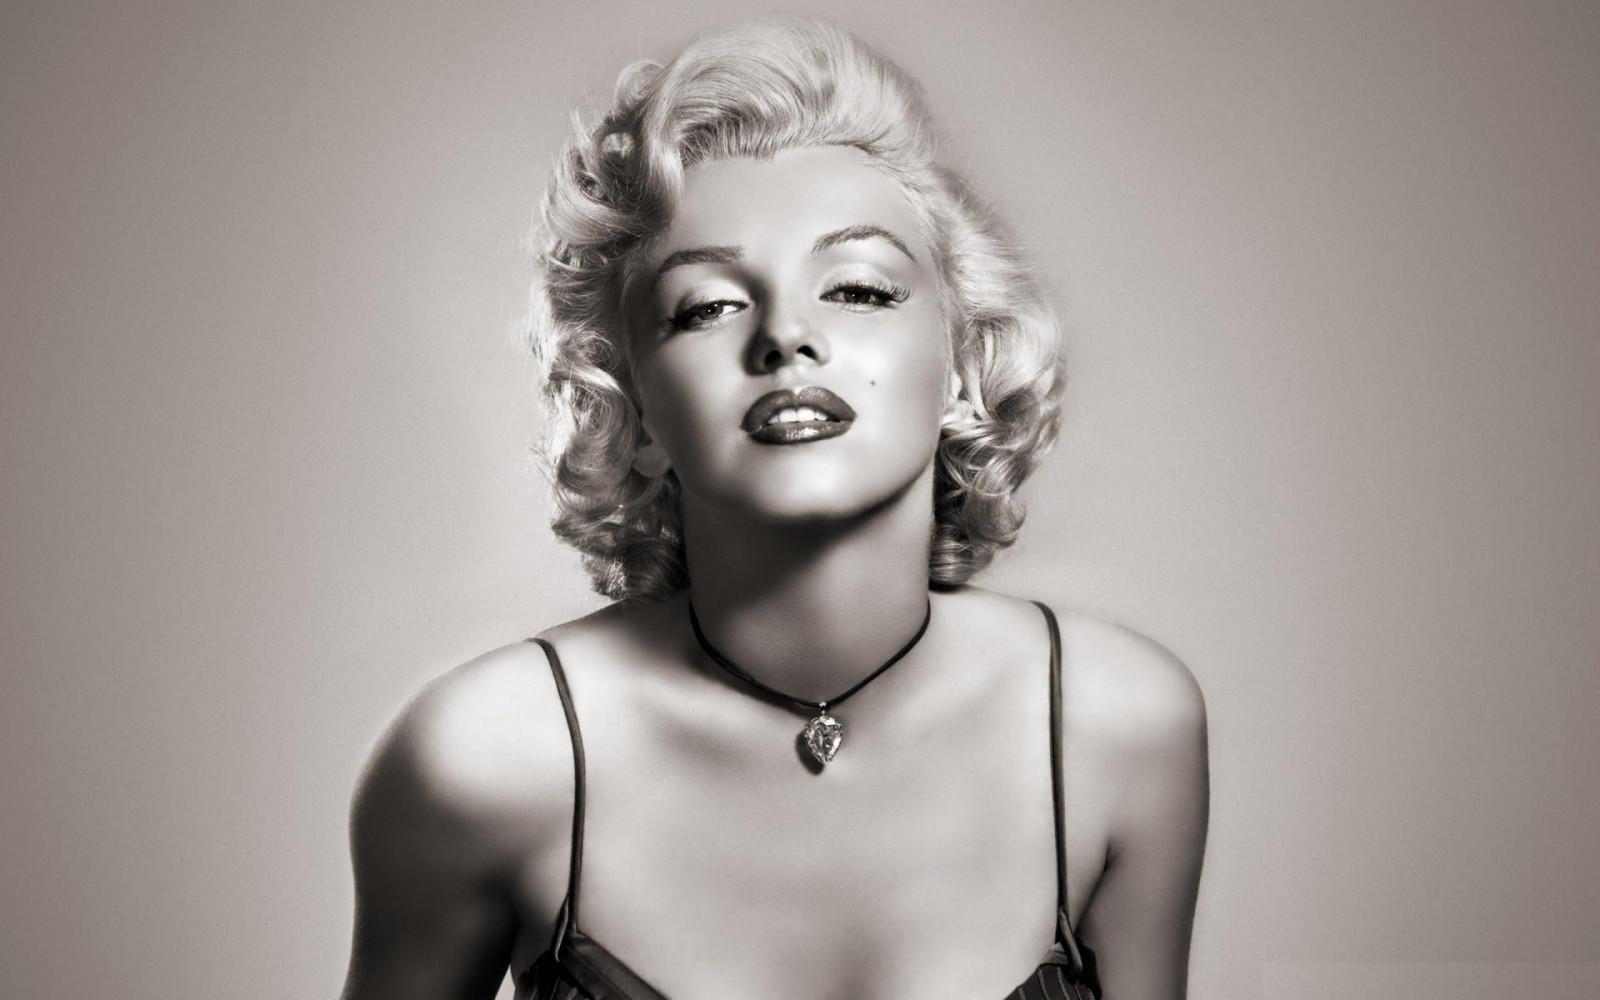 Wallpaper Long Hair Dress Marilyn Monroe Supermodel Girl